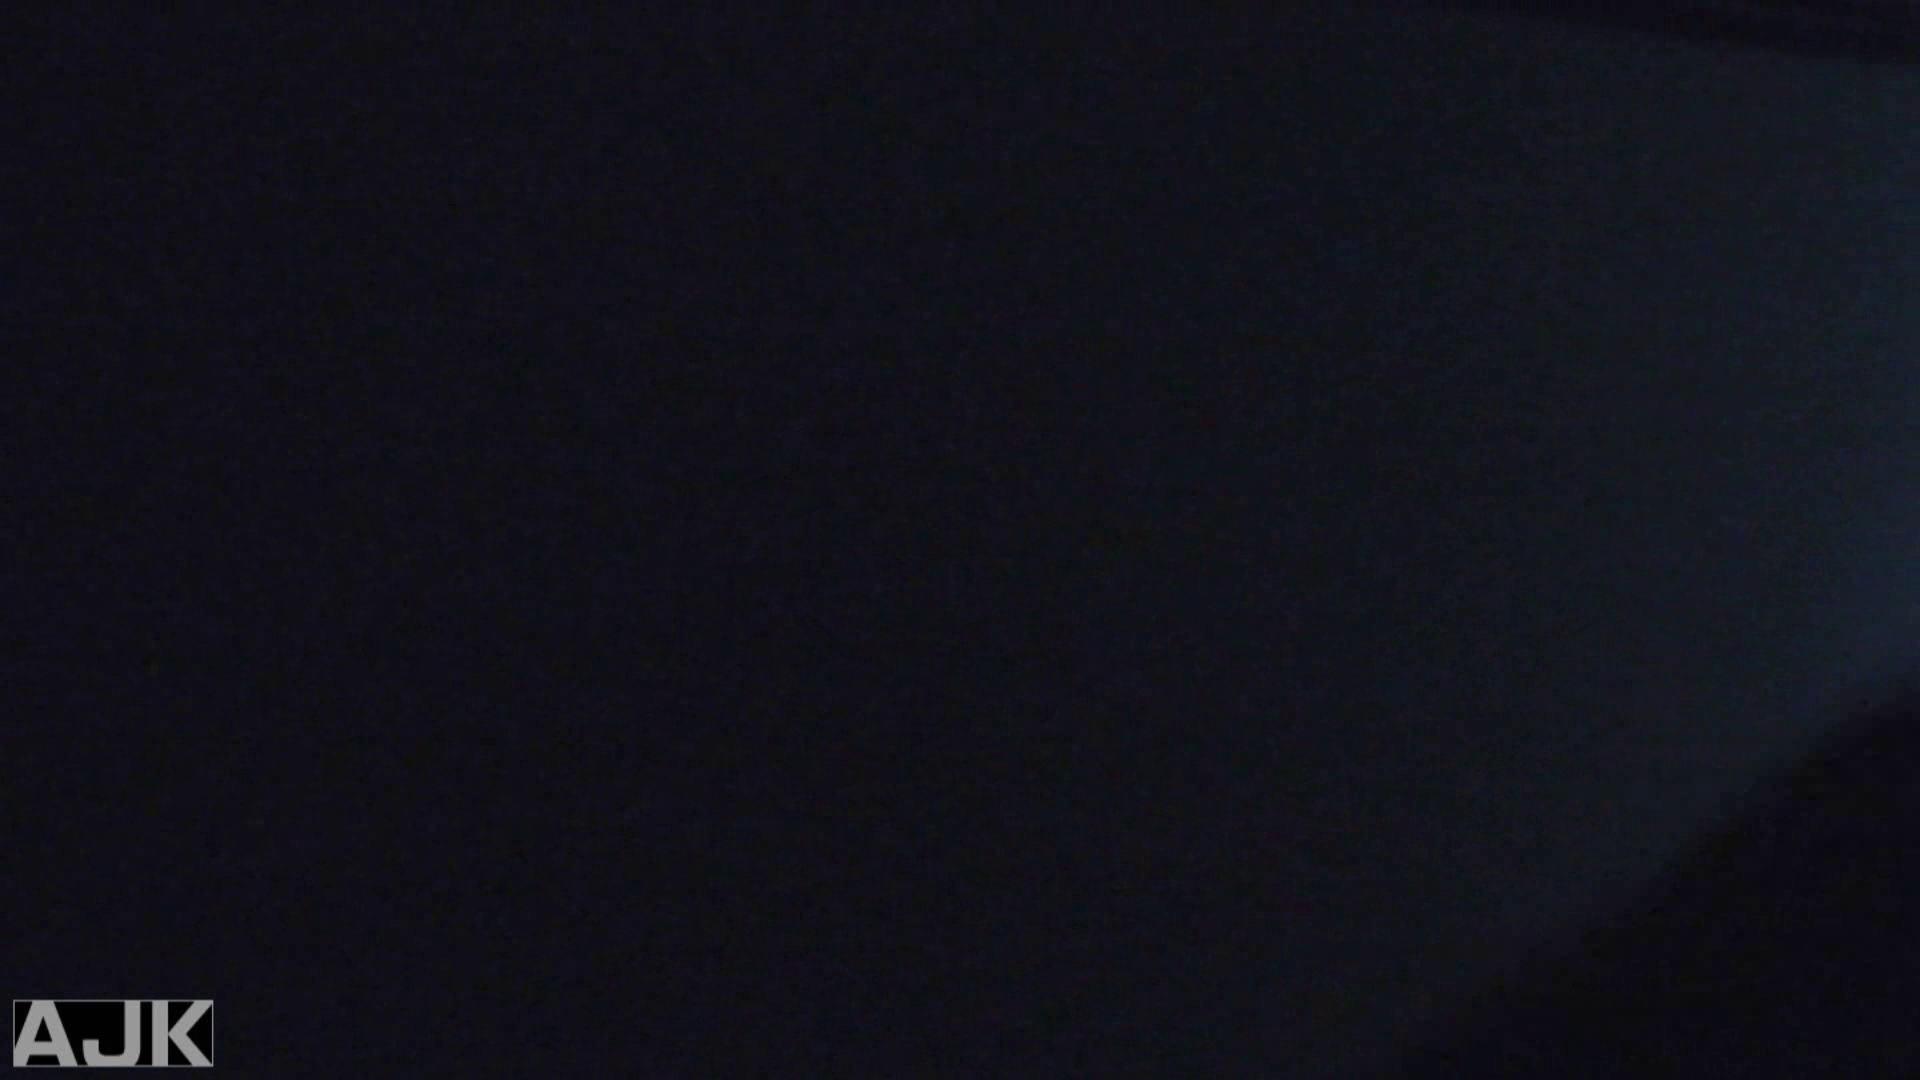 神降臨!史上最強の潜入かわや! vol.22 盗撮師作品 覗きおまんこ画像 96pic 30